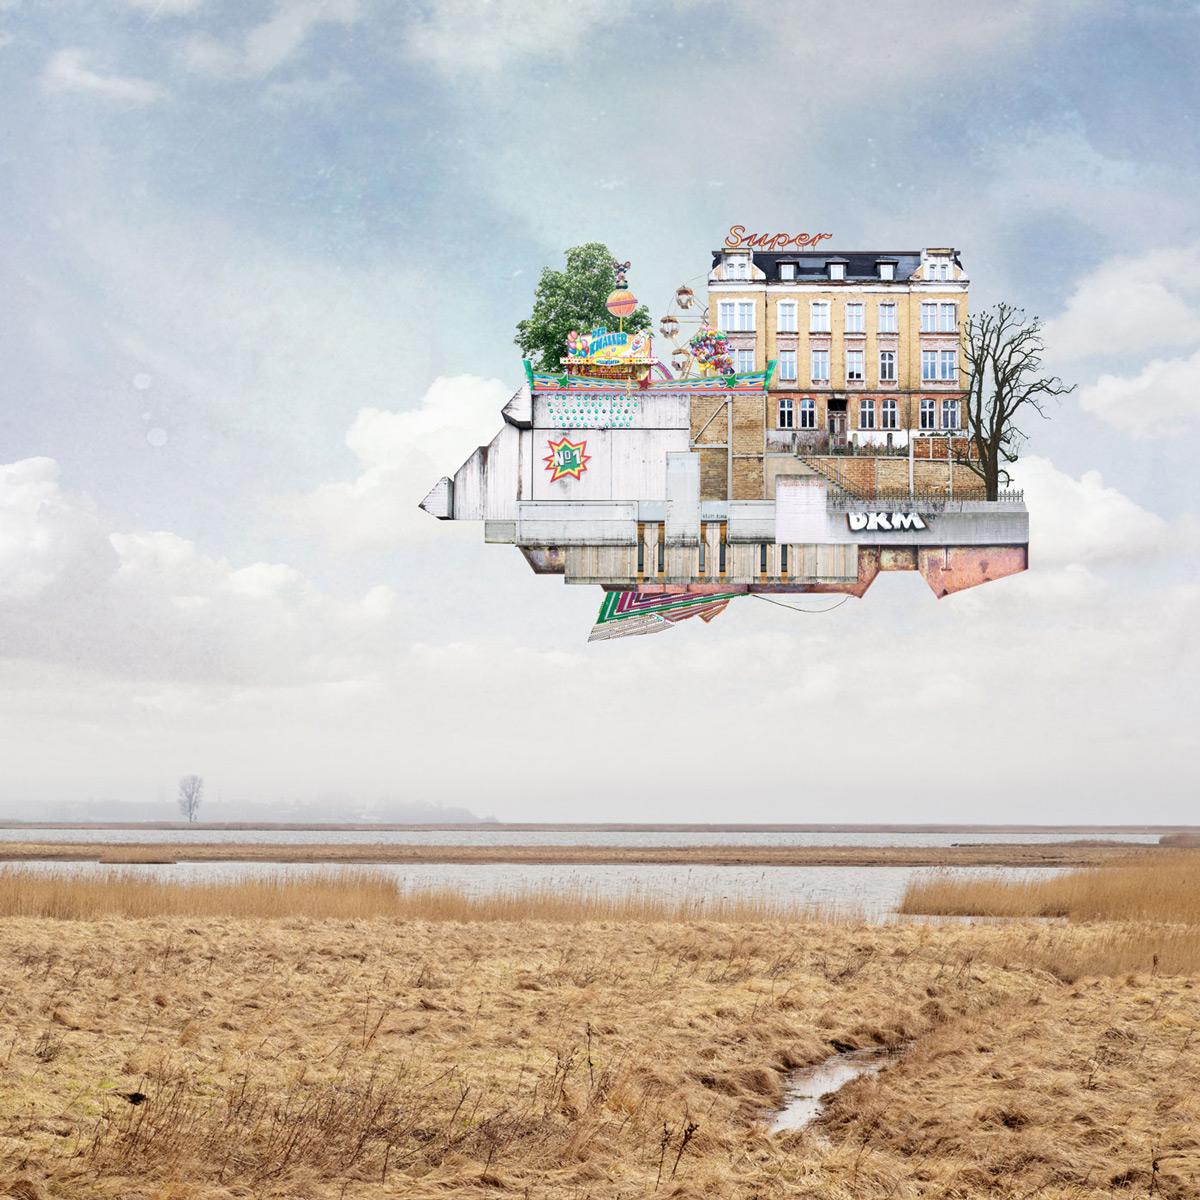 Le architetture galleggianti di Matthias Jung | Collater.al 10